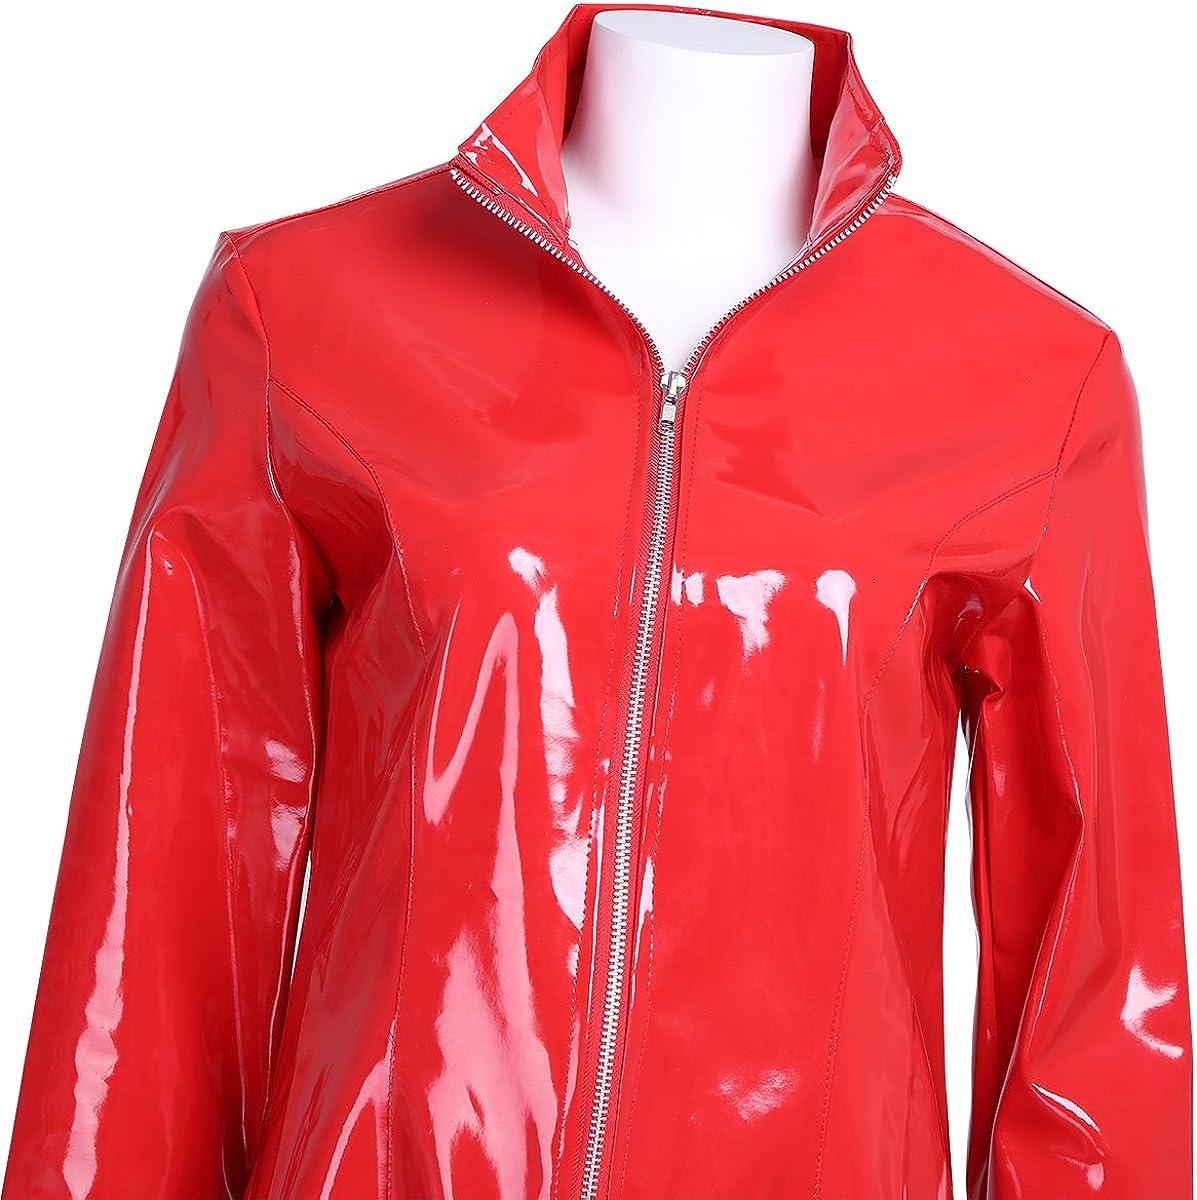 Agoky Ledermantel Jacke /Übergangsjacke Trenchcoat Stehkragen mit Reisverschluss Party Kost/üm Clubwear